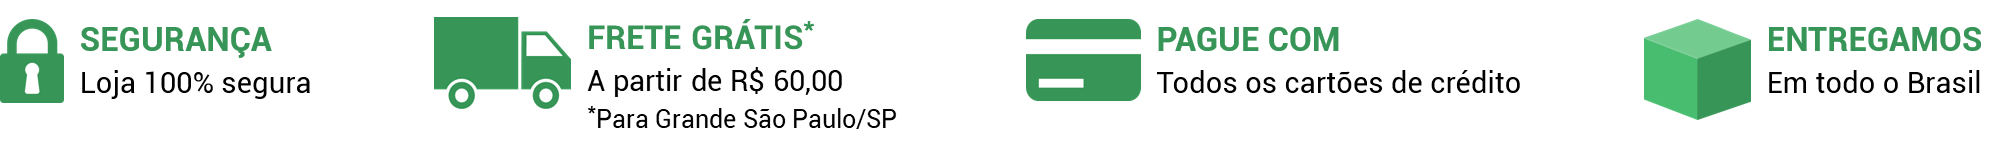 Banner em tarja